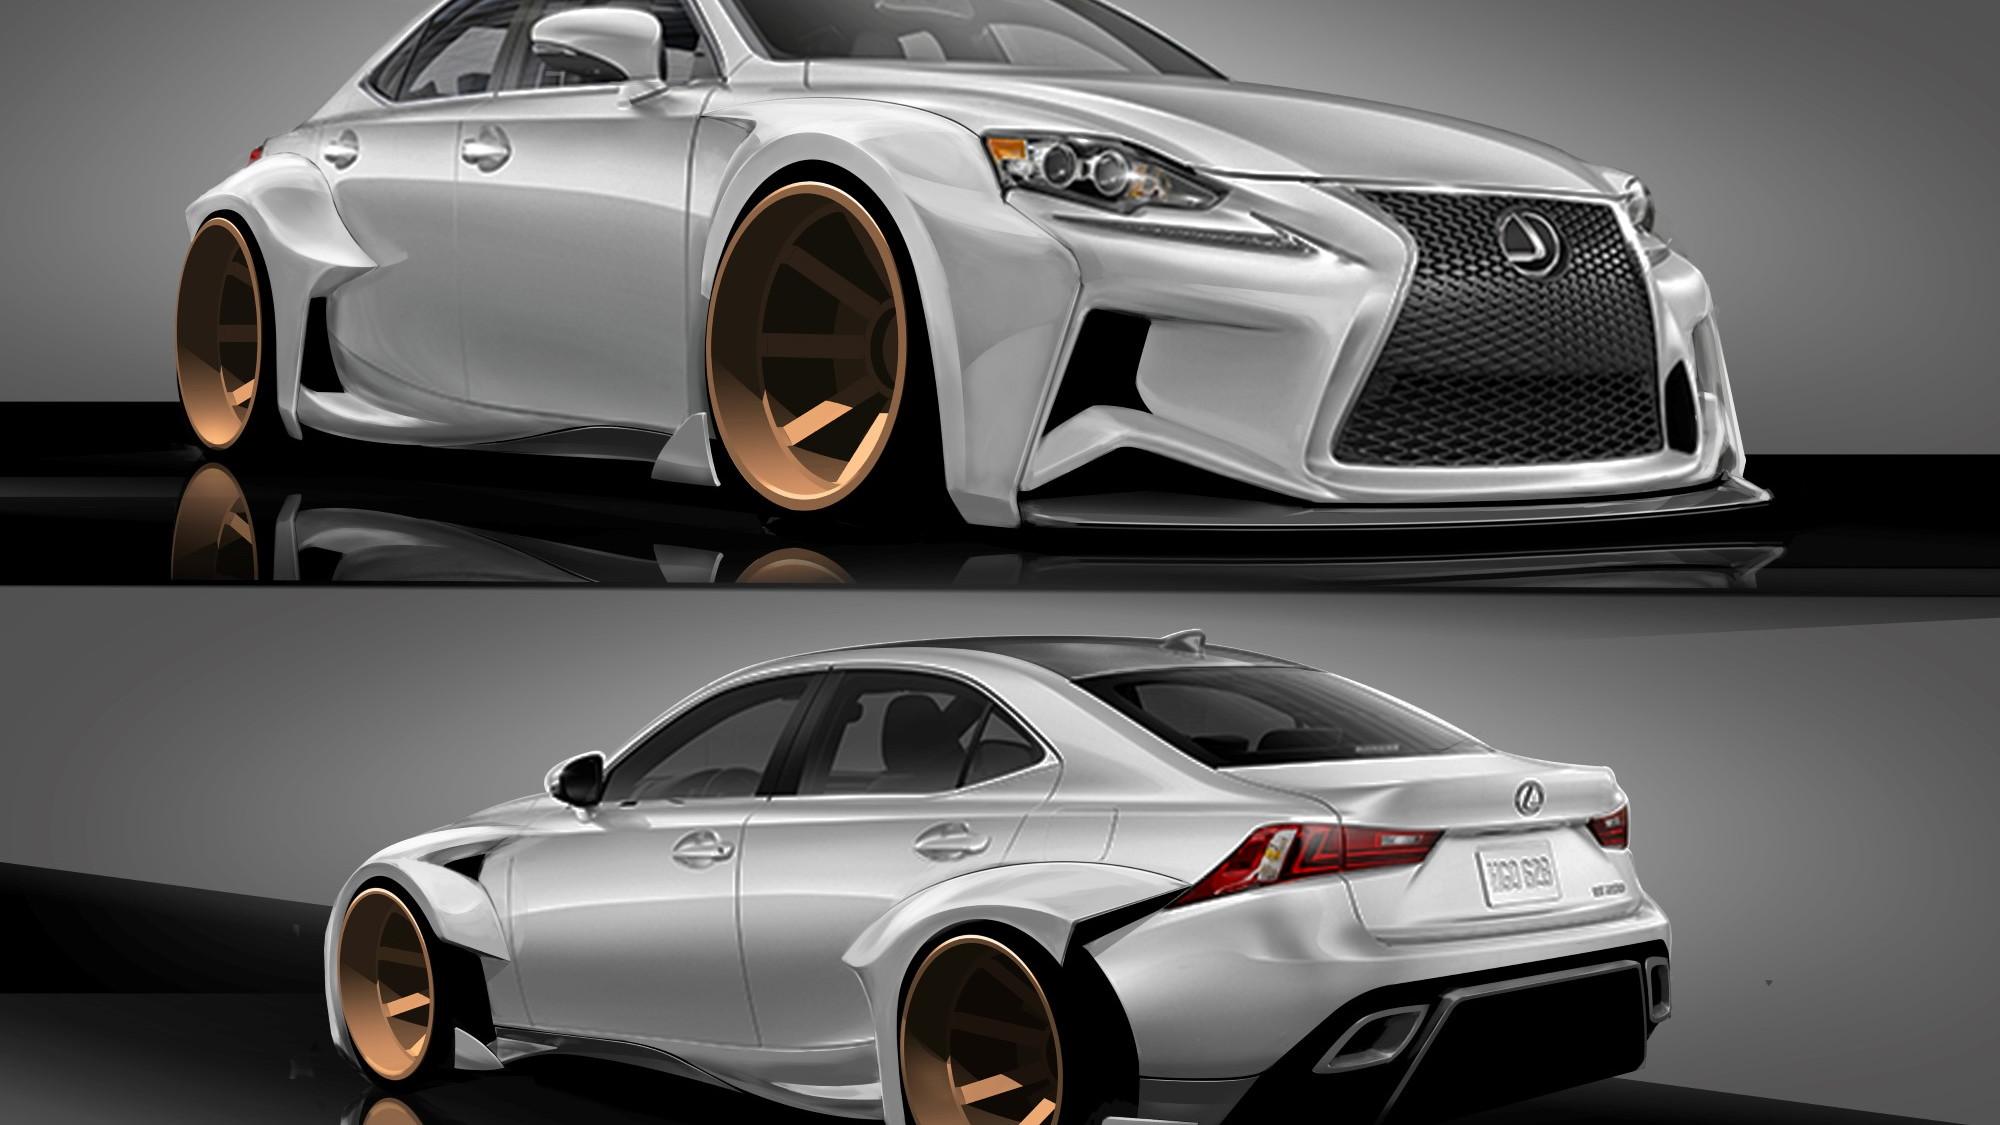 2014 Lexus IS DeviantART SEMA design concept. Winning design by Rob Evans.